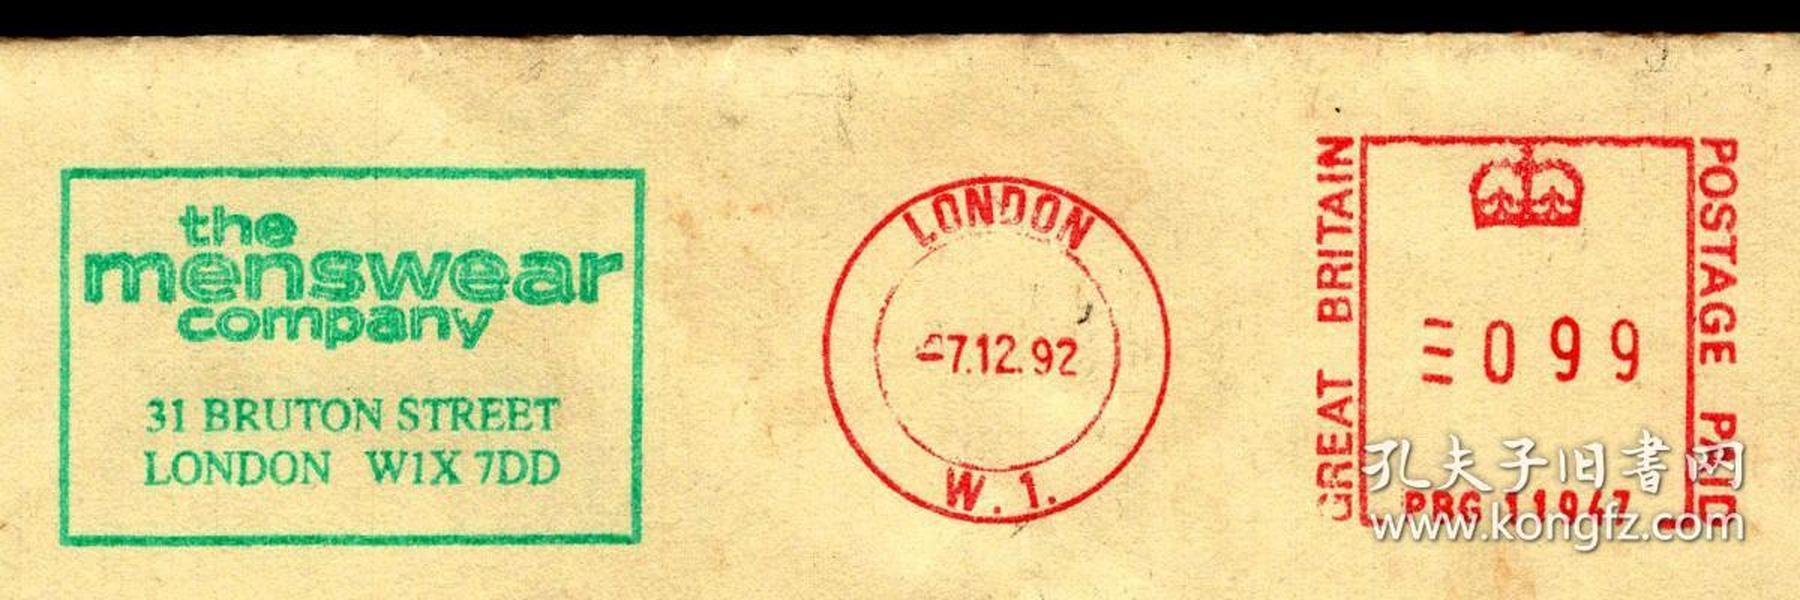 [2018.02]英国伦敦XXX1992.12.07航空寄台北市XXX信封(无信)/销伦敦机盖邮资机0.99元邮戳,背盖台北松北12.16到达邮戳。